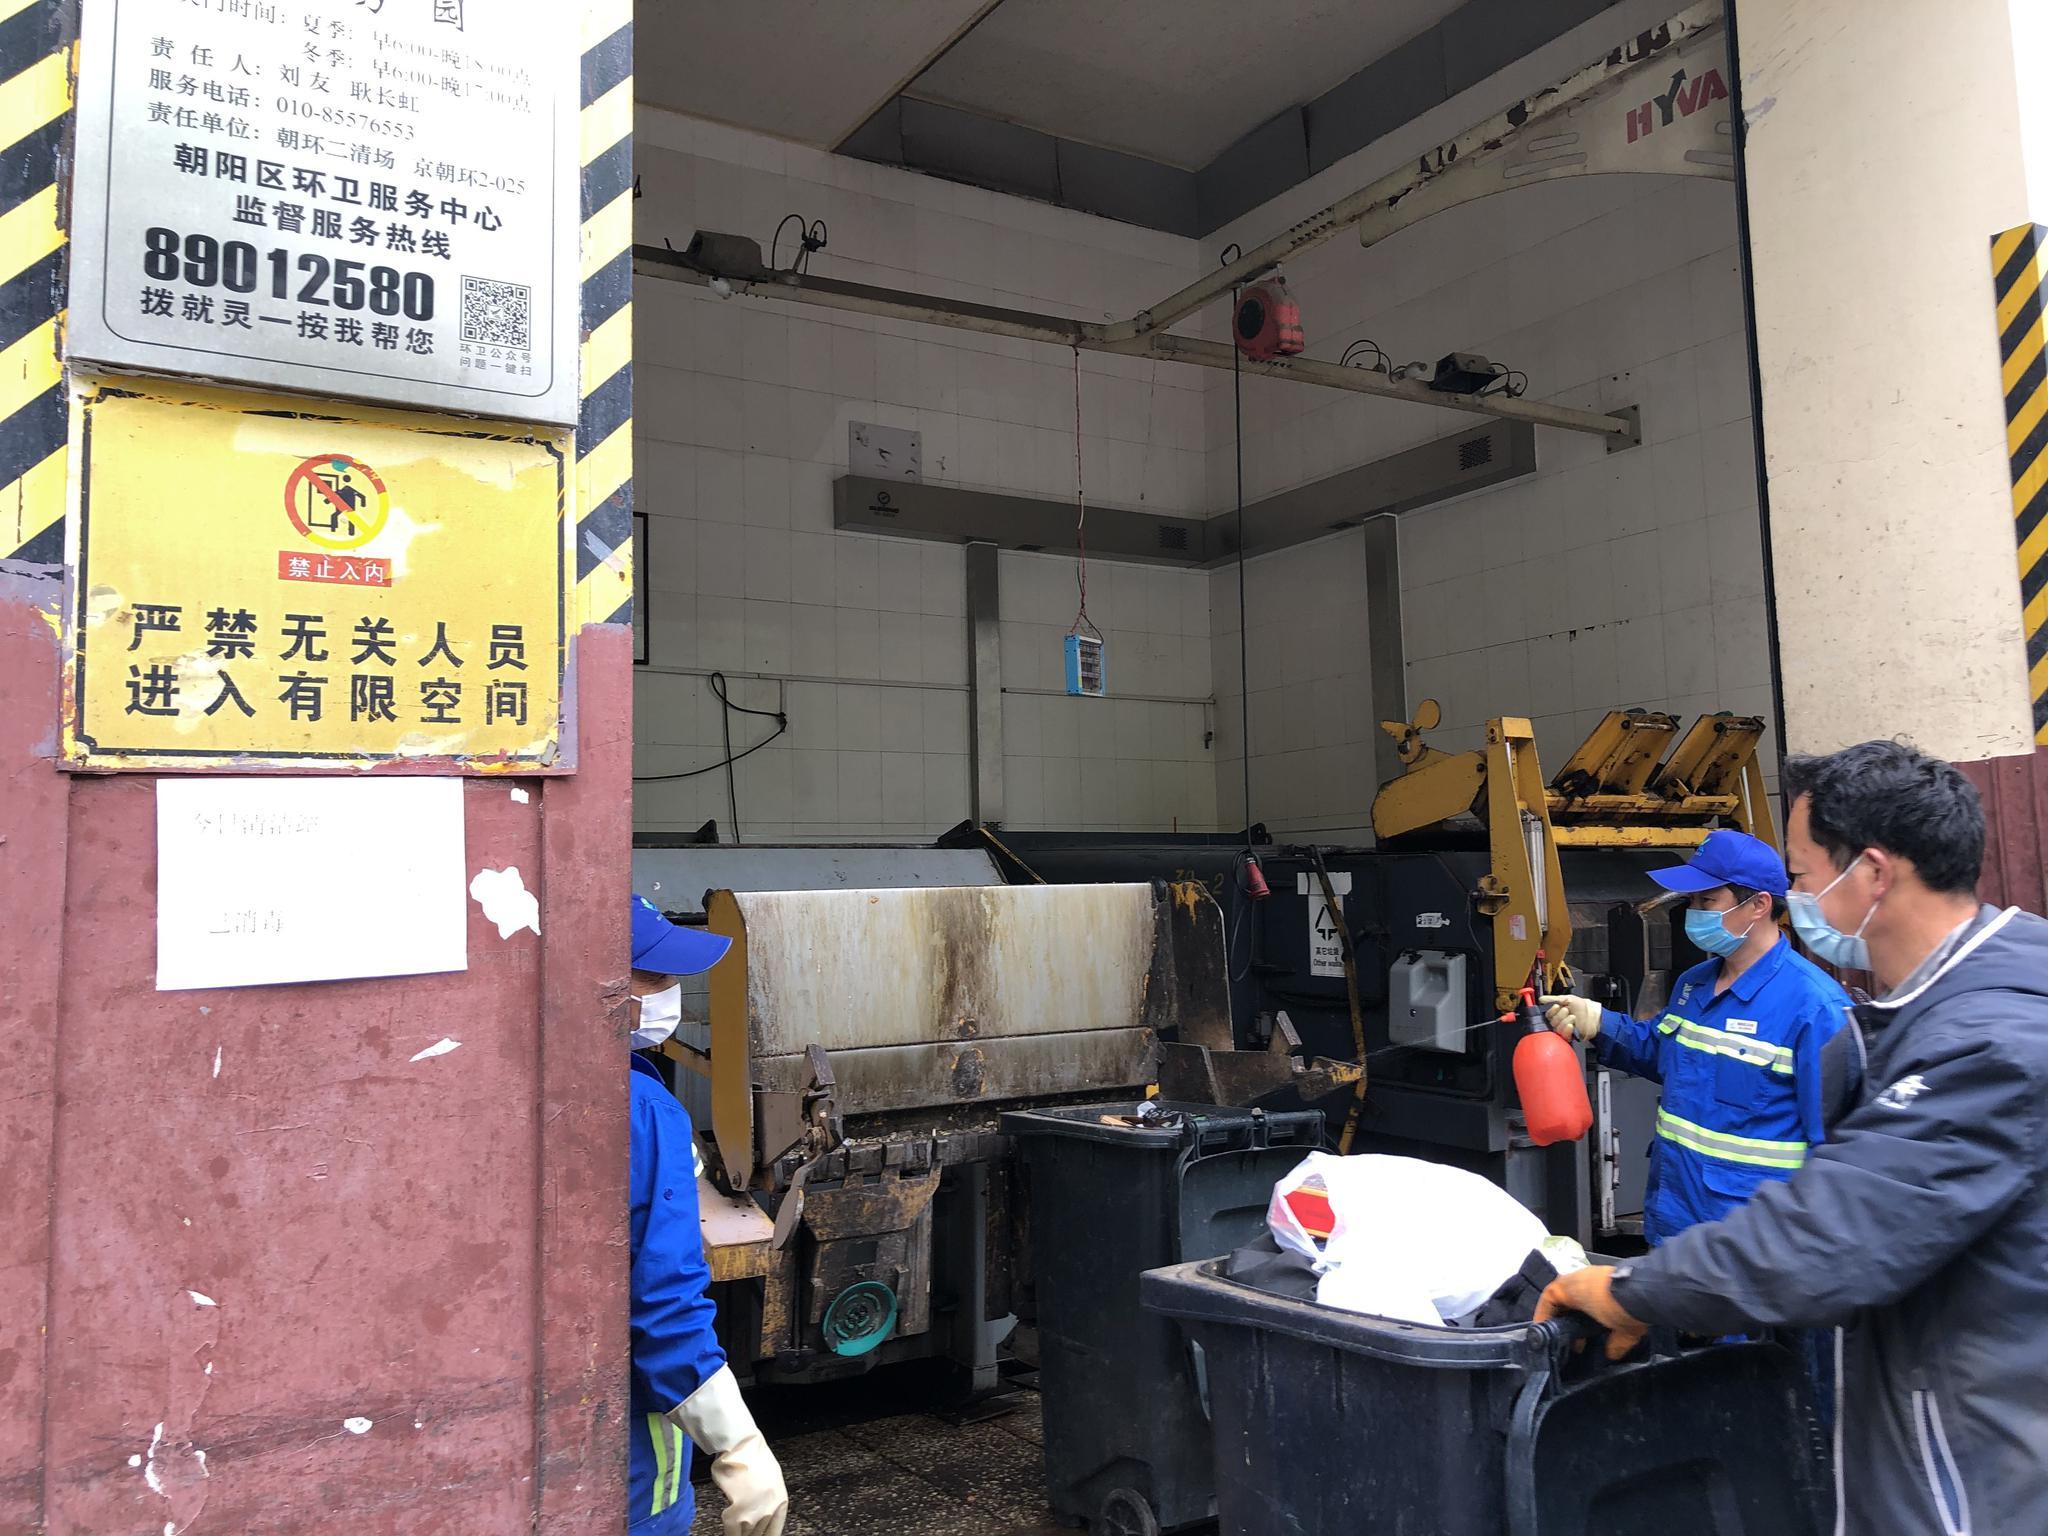 摩天注册:突击检查垃圾分类部分垃圾摩天注册桶破图片